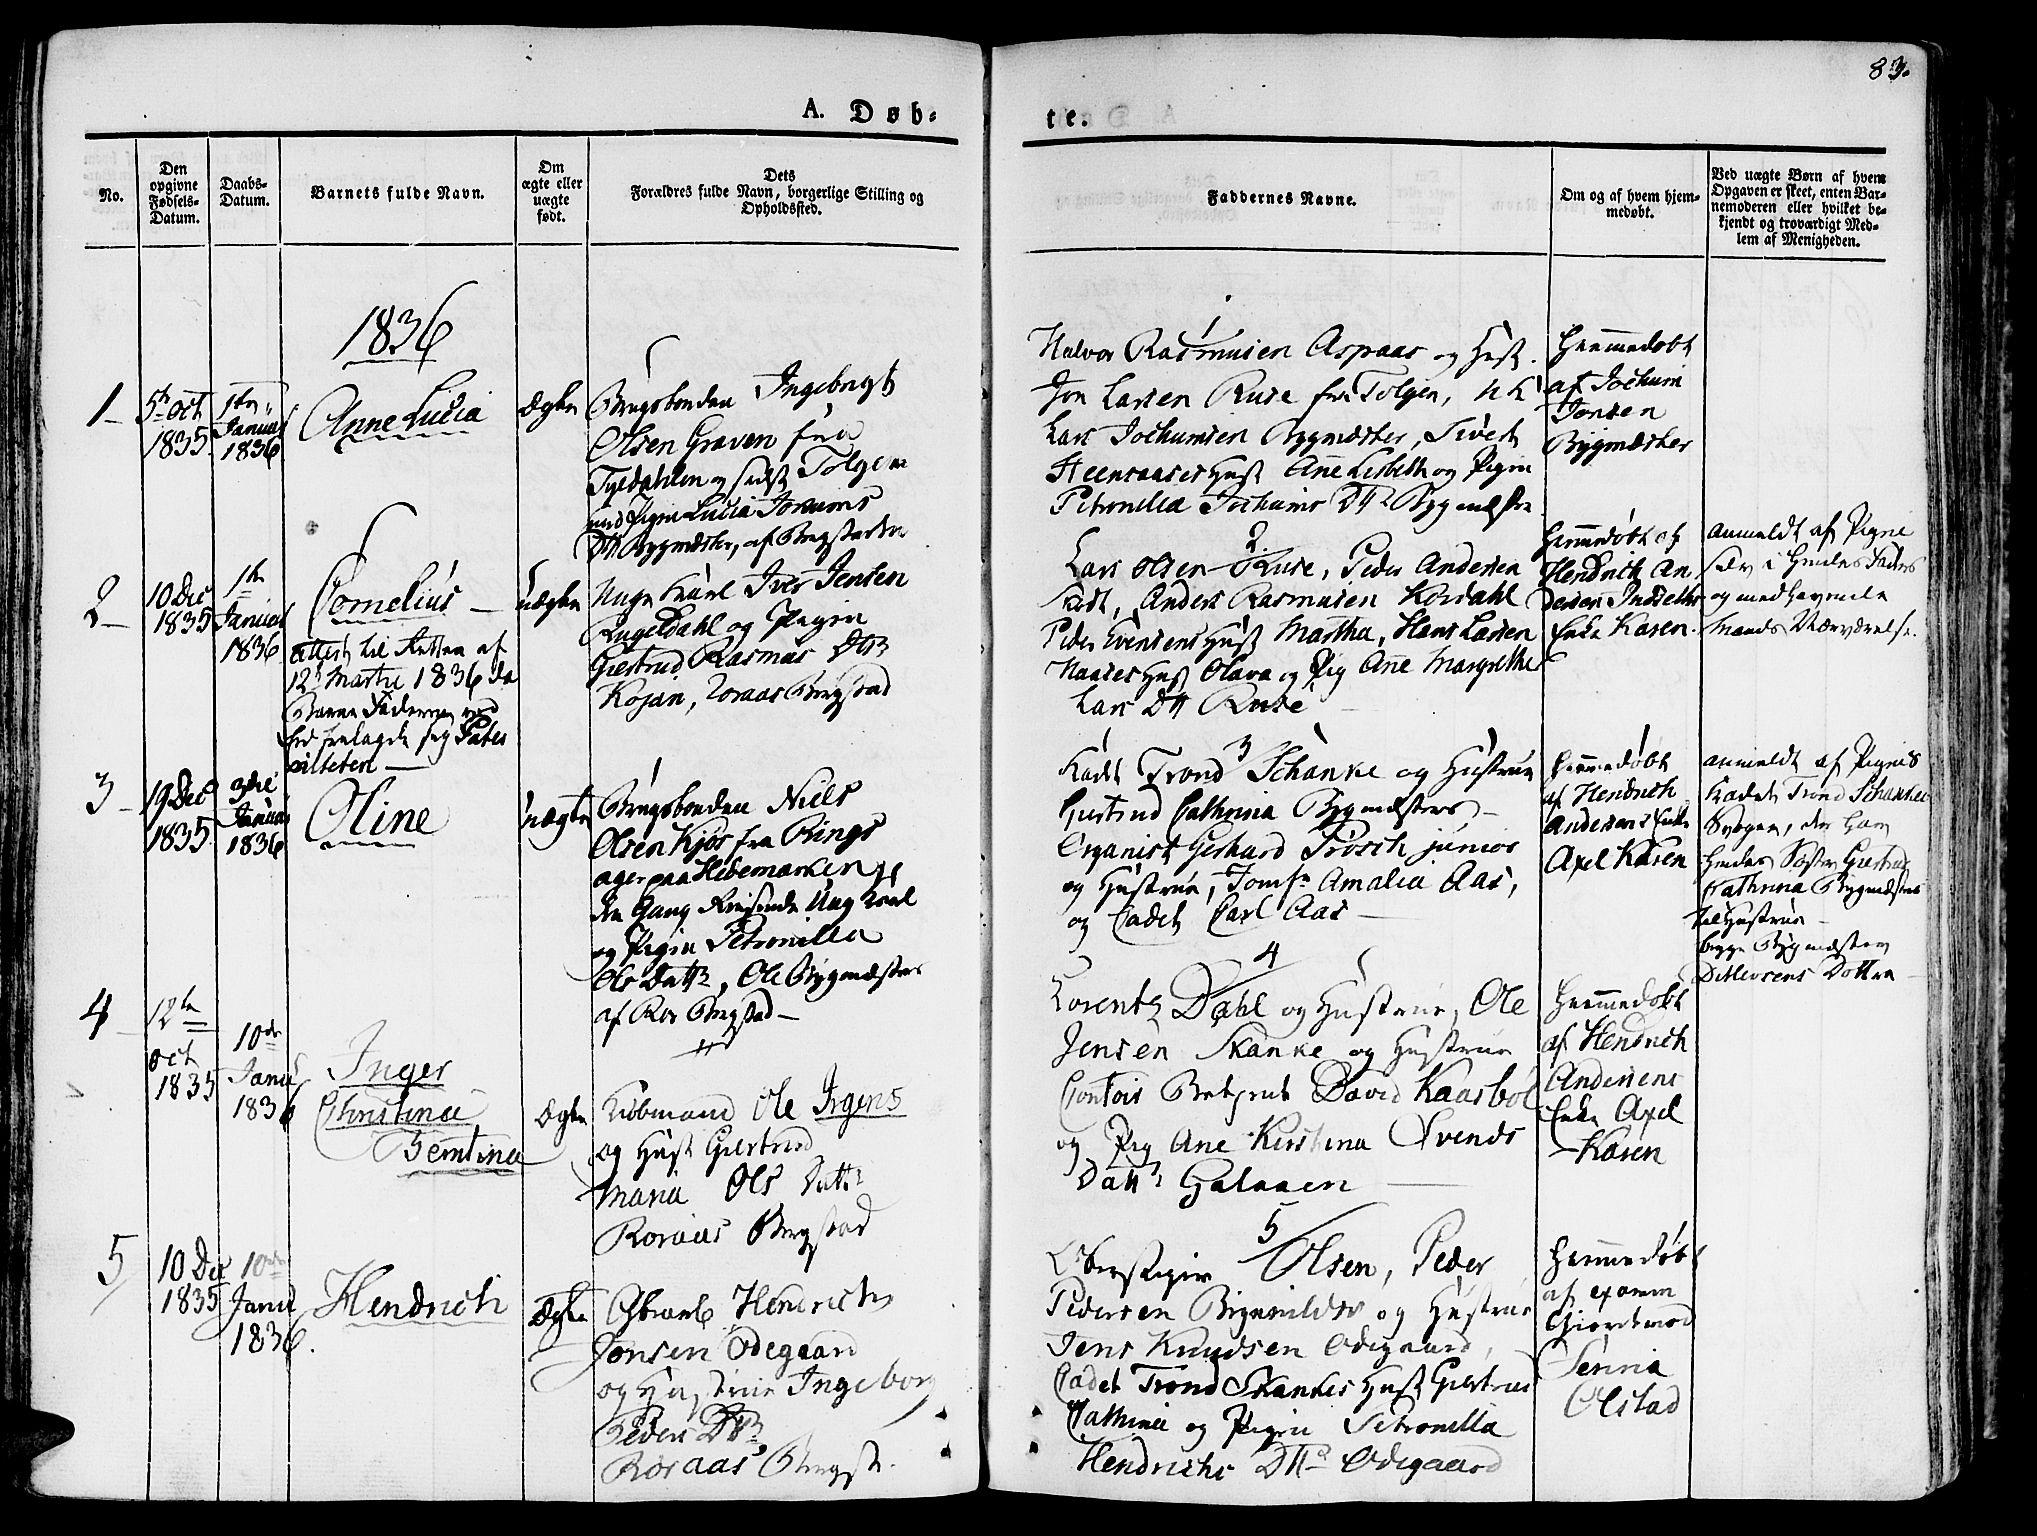 SAT, Ministerialprotokoller, klokkerbøker og fødselsregistre - Sør-Trøndelag, 681/L0930: Ministerialbok nr. 681A08, 1829-1844, s. 83